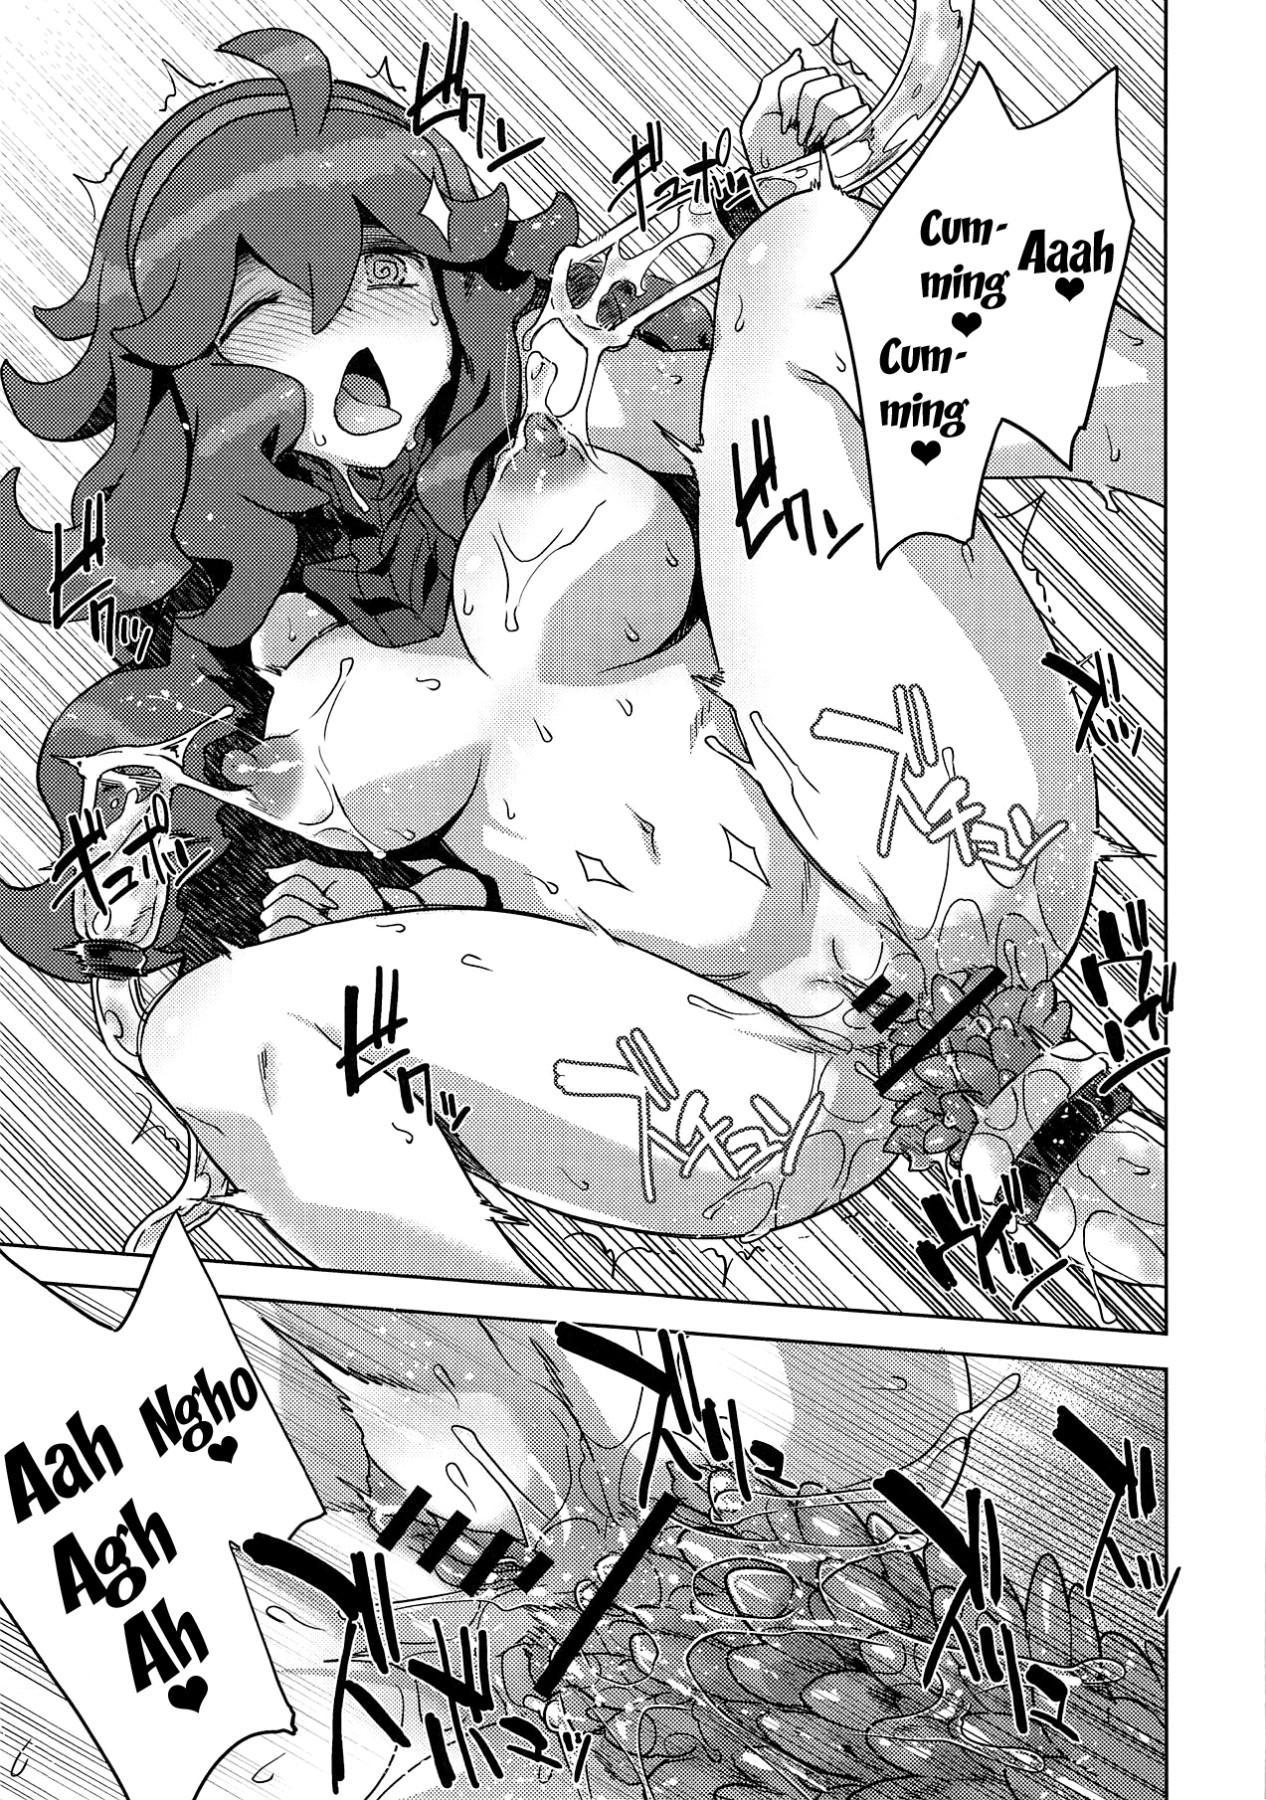 (COMIC1☆15) [Choujikuu Yousai Kachuusha (Denki Shougun)] Occult Mania-chan no Milk Factory Junbichuu | Occult Mania-chan's Milk Factory is in Preparation (Pokémon) [English] {Doujins.com} 7